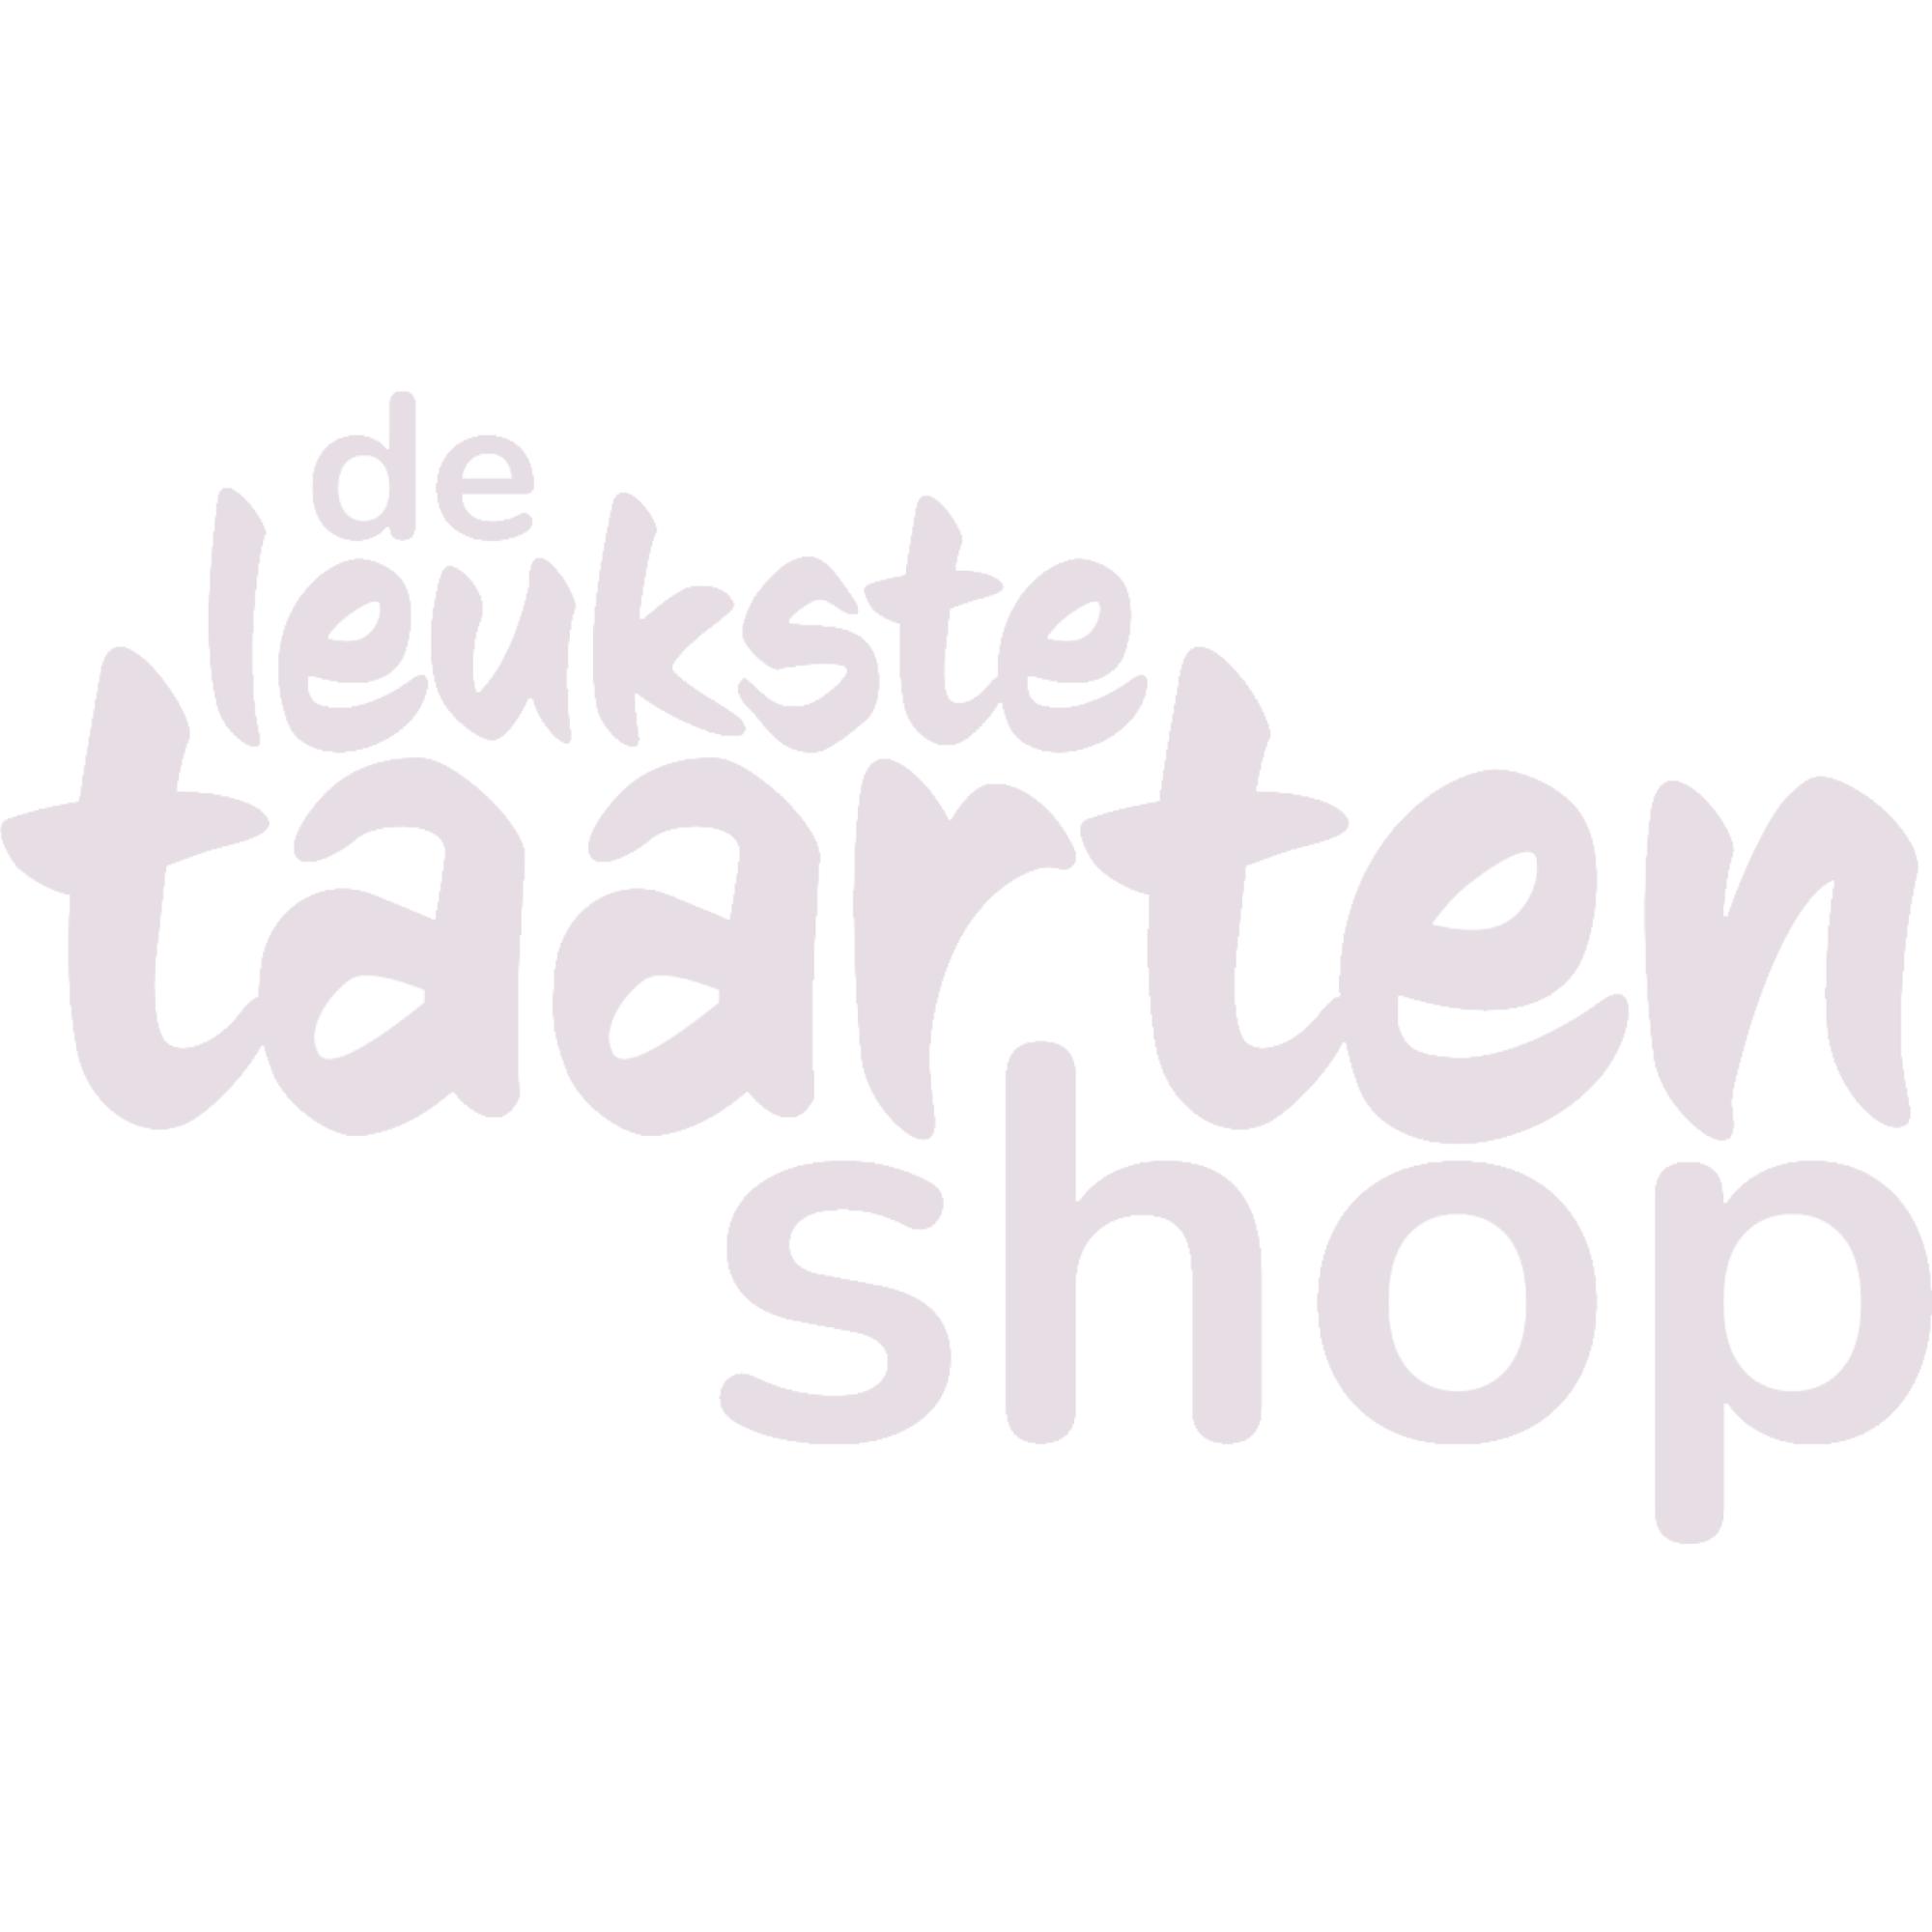 Ongebruikt FunCakes Eetbare Metallic Verf Paars 30ml | Deleukstetaartenshop.nl UA-14